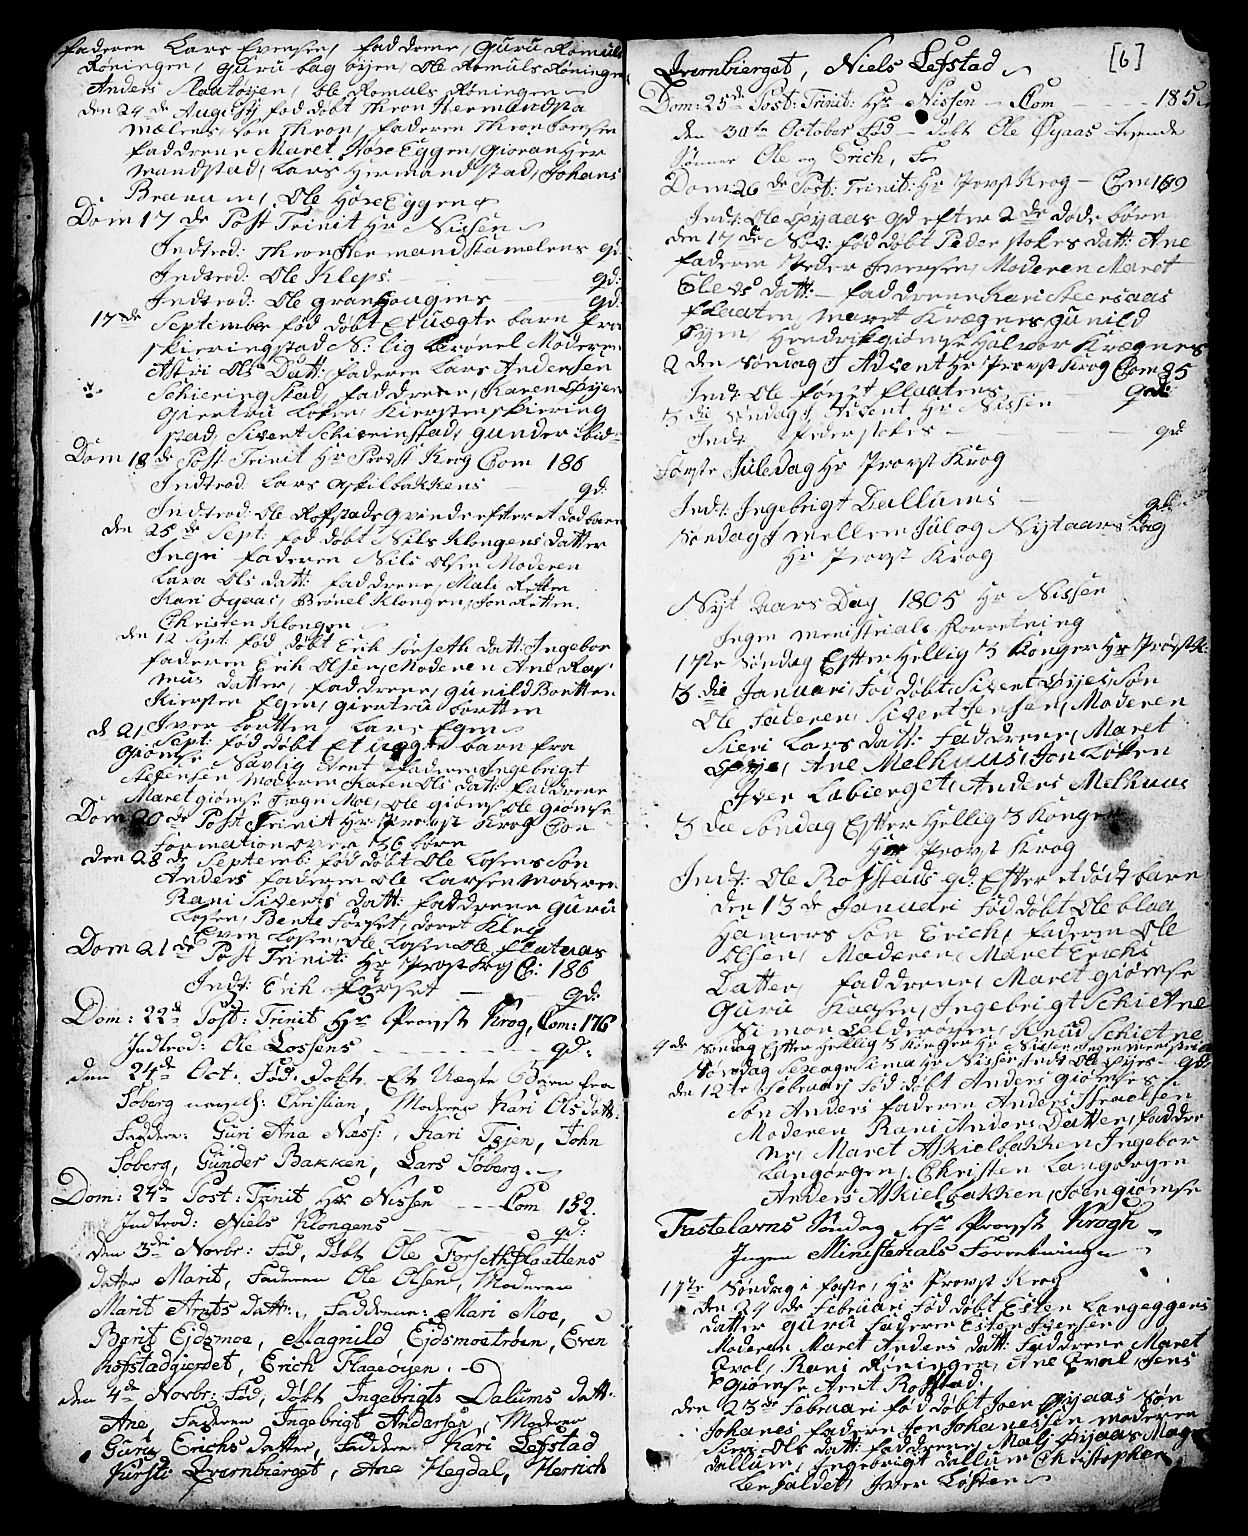 SAT, Ministerialprotokoller, klokkerbøker og fødselsregistre - Sør-Trøndelag, 691/L1091: Klokkerbok nr. 691C02, 1802-1815, s. 6